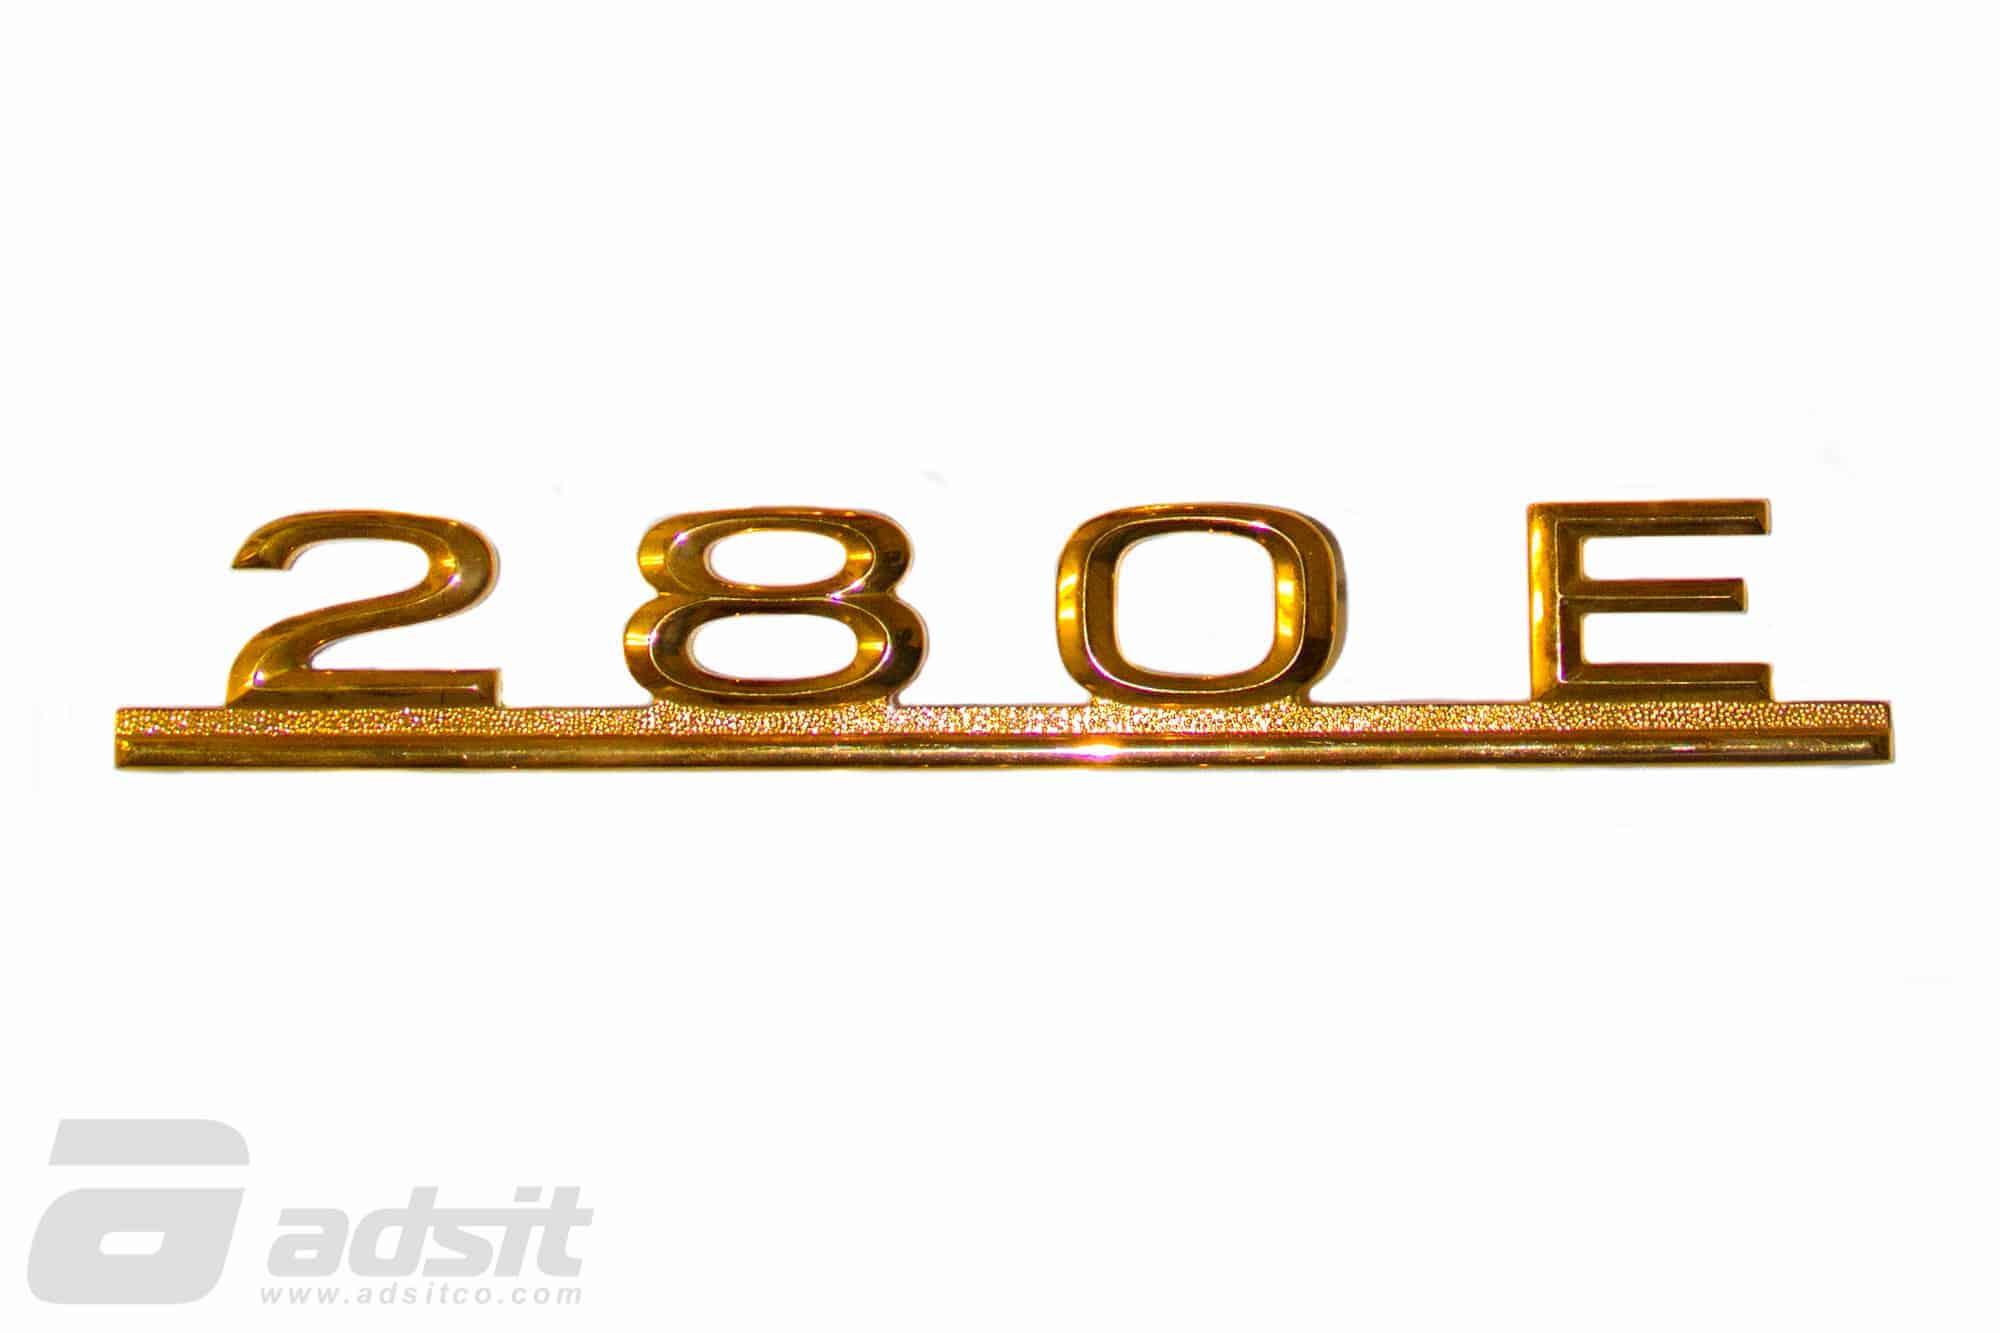 280E GOLD BADGE